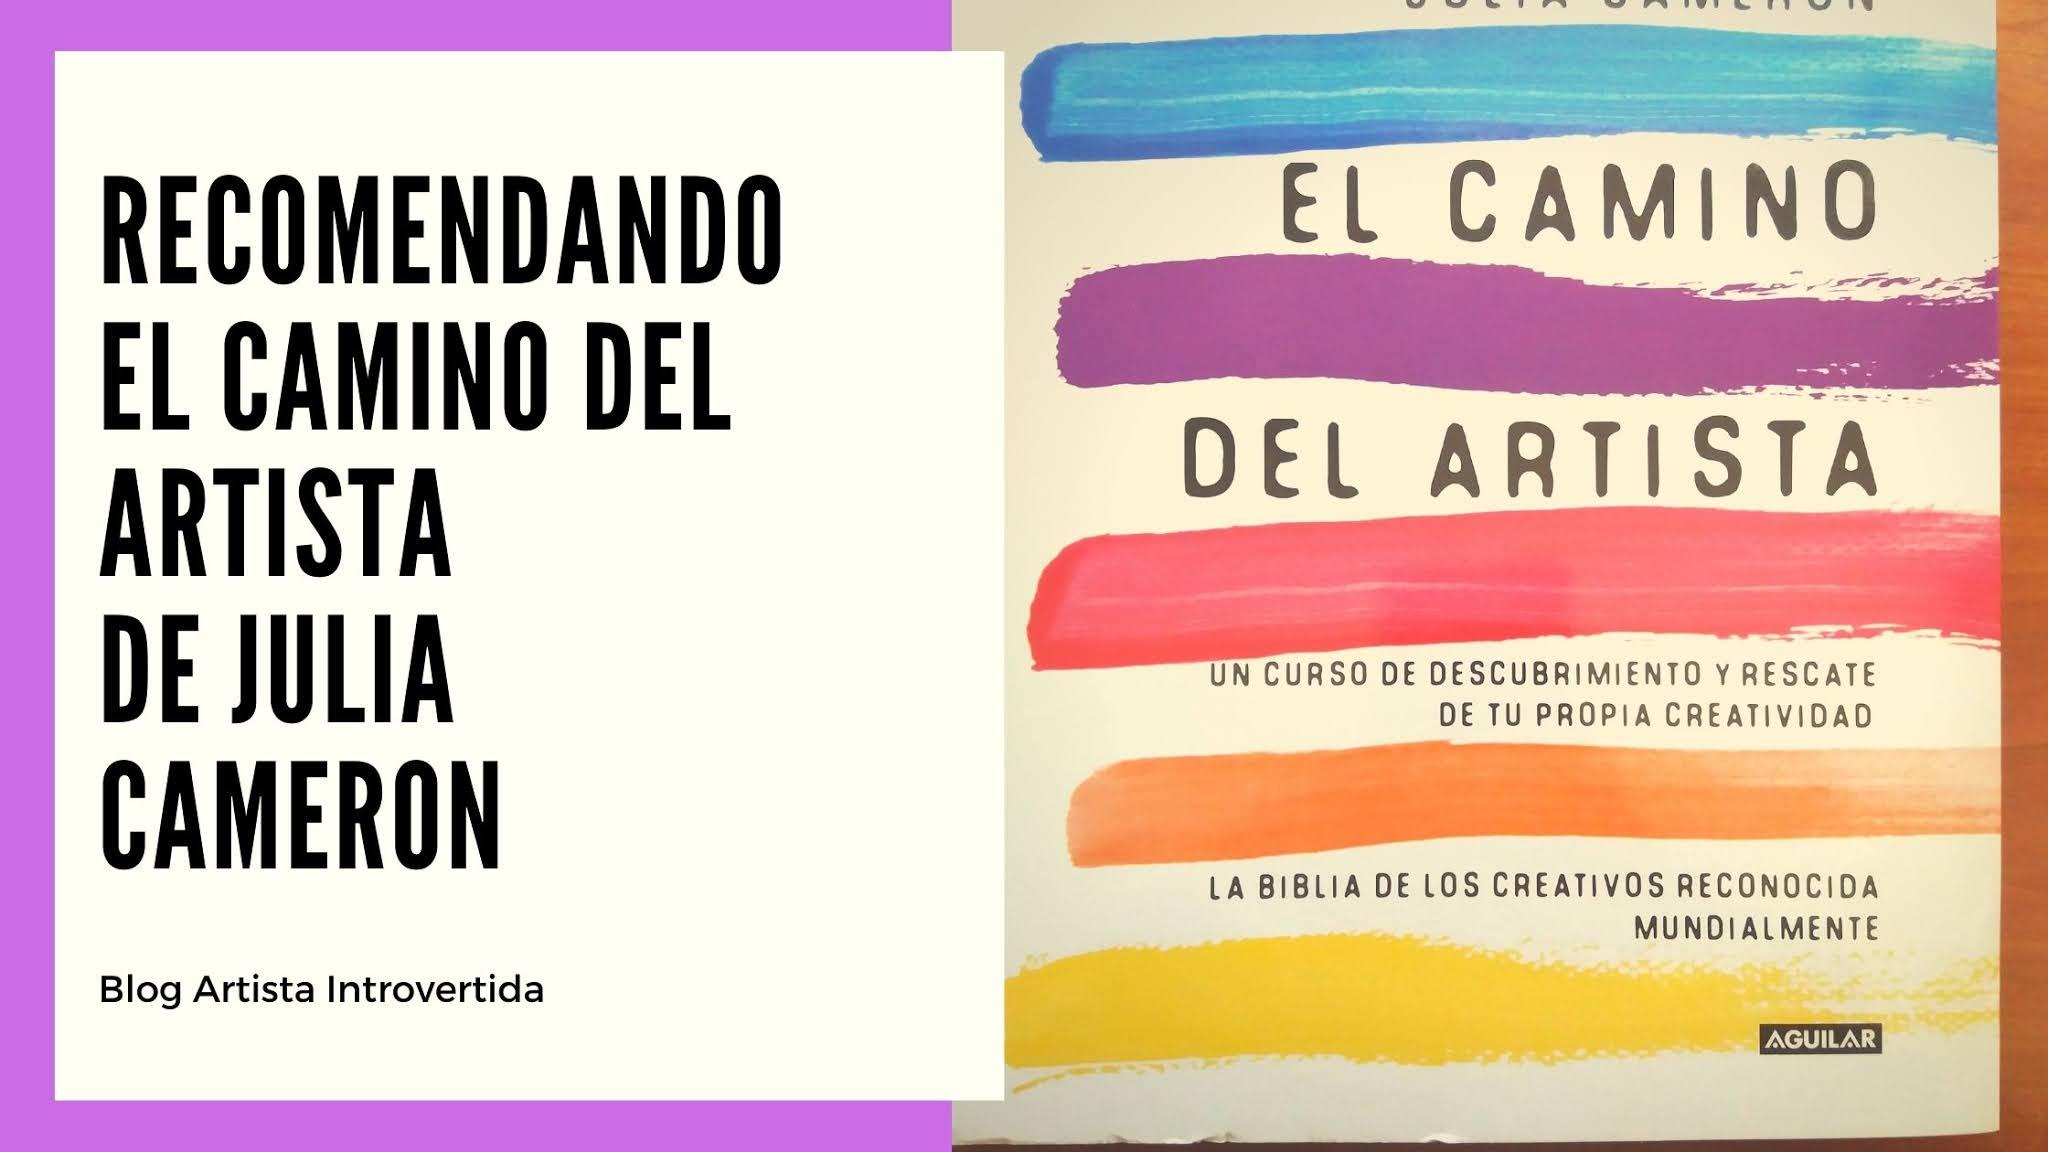 Recomendando El Libro El Camino Del Artista De Julia Cameron Artista Introvertida